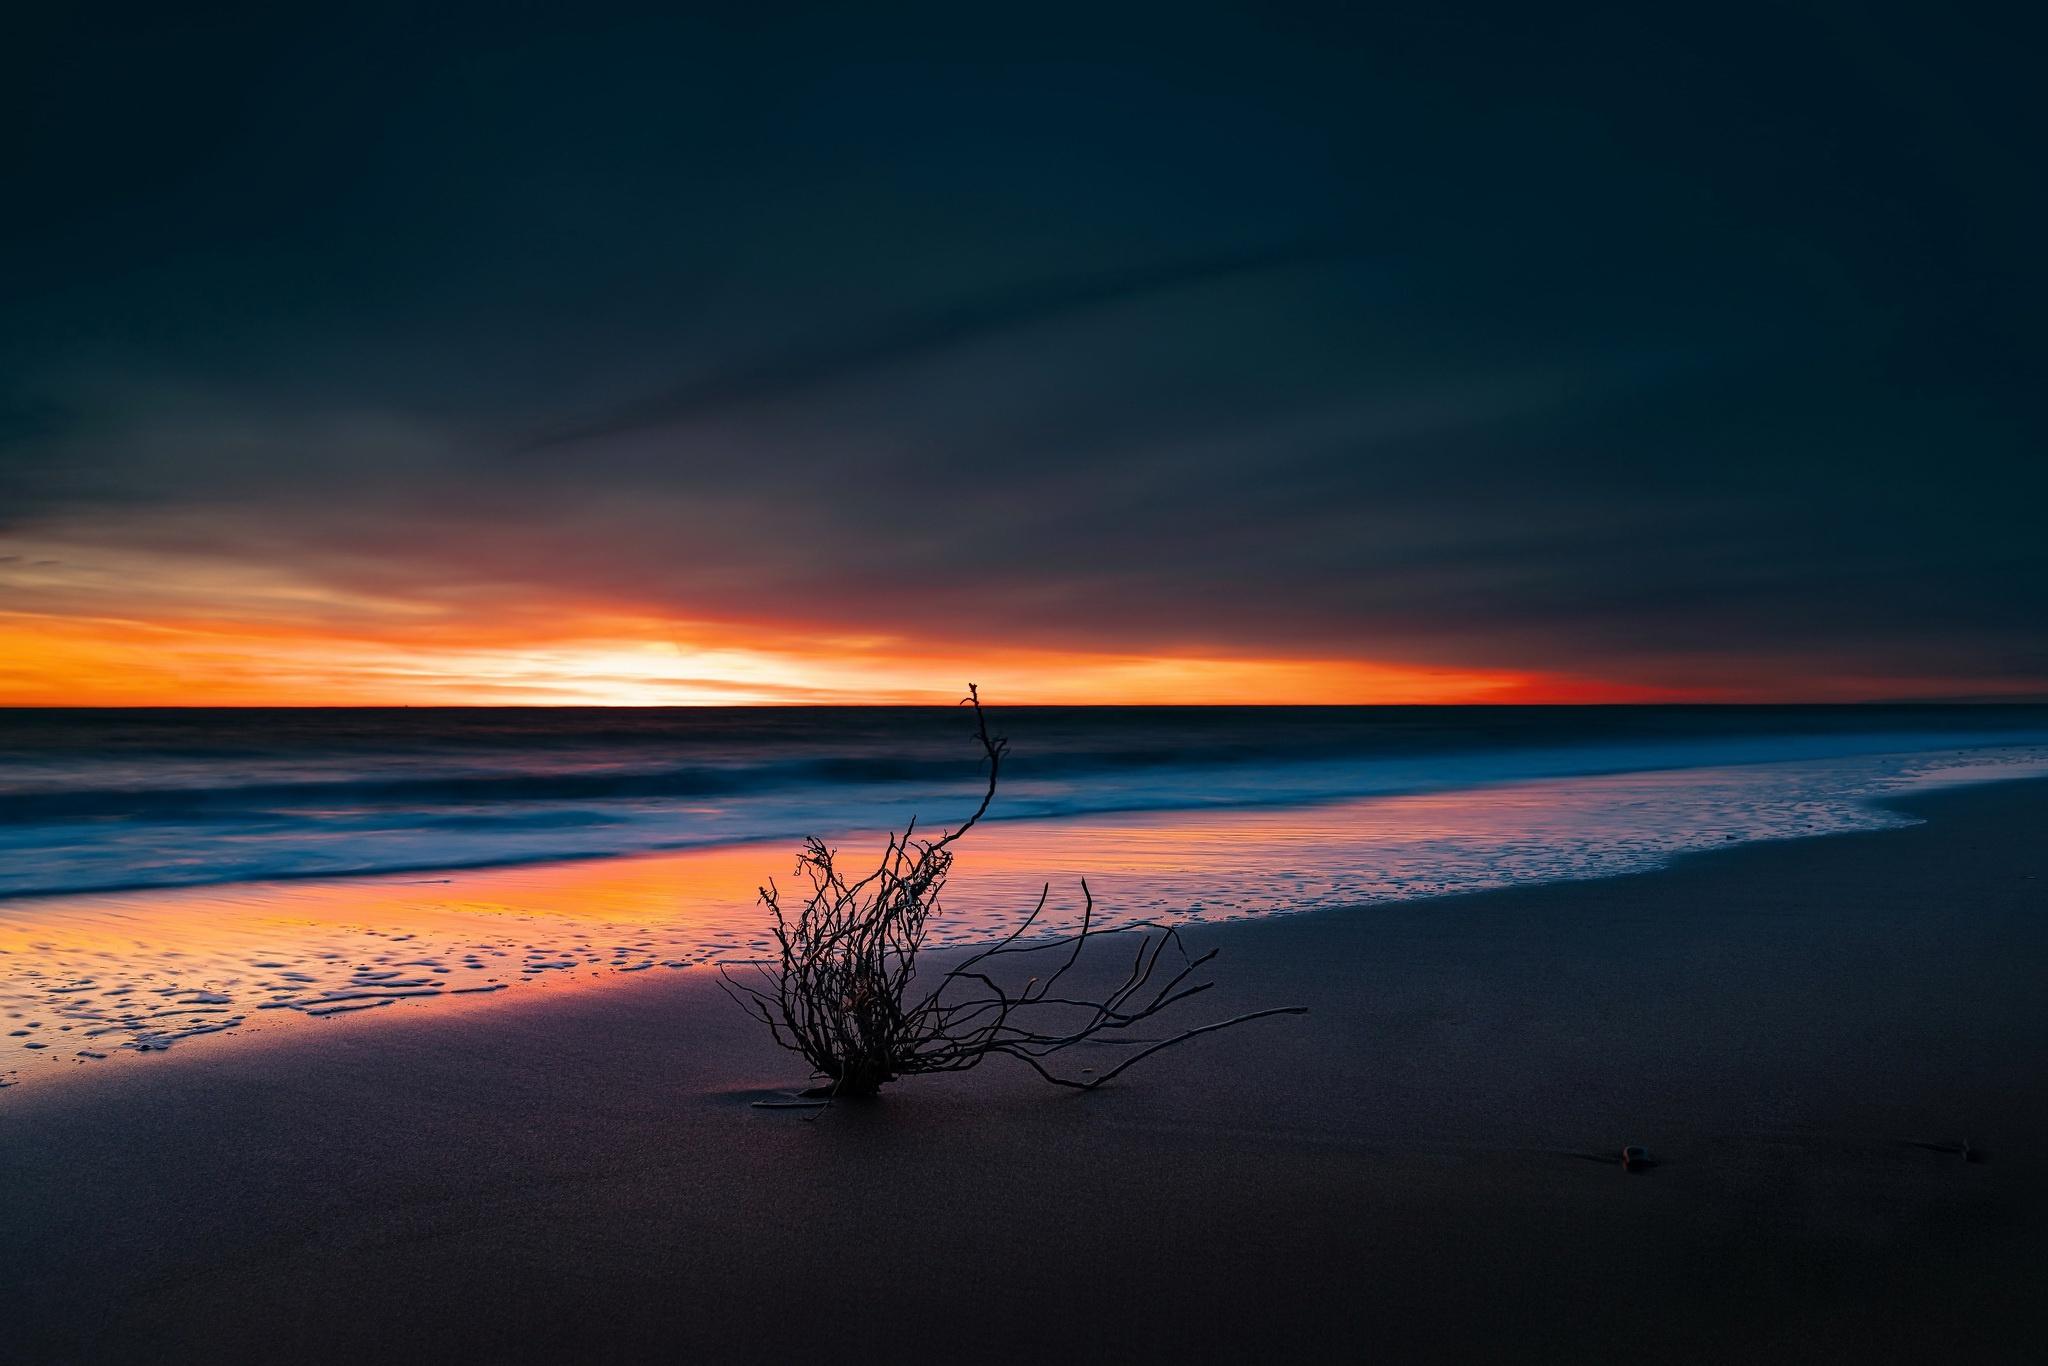 Nature Sunset Horizon Beach 2048x1366